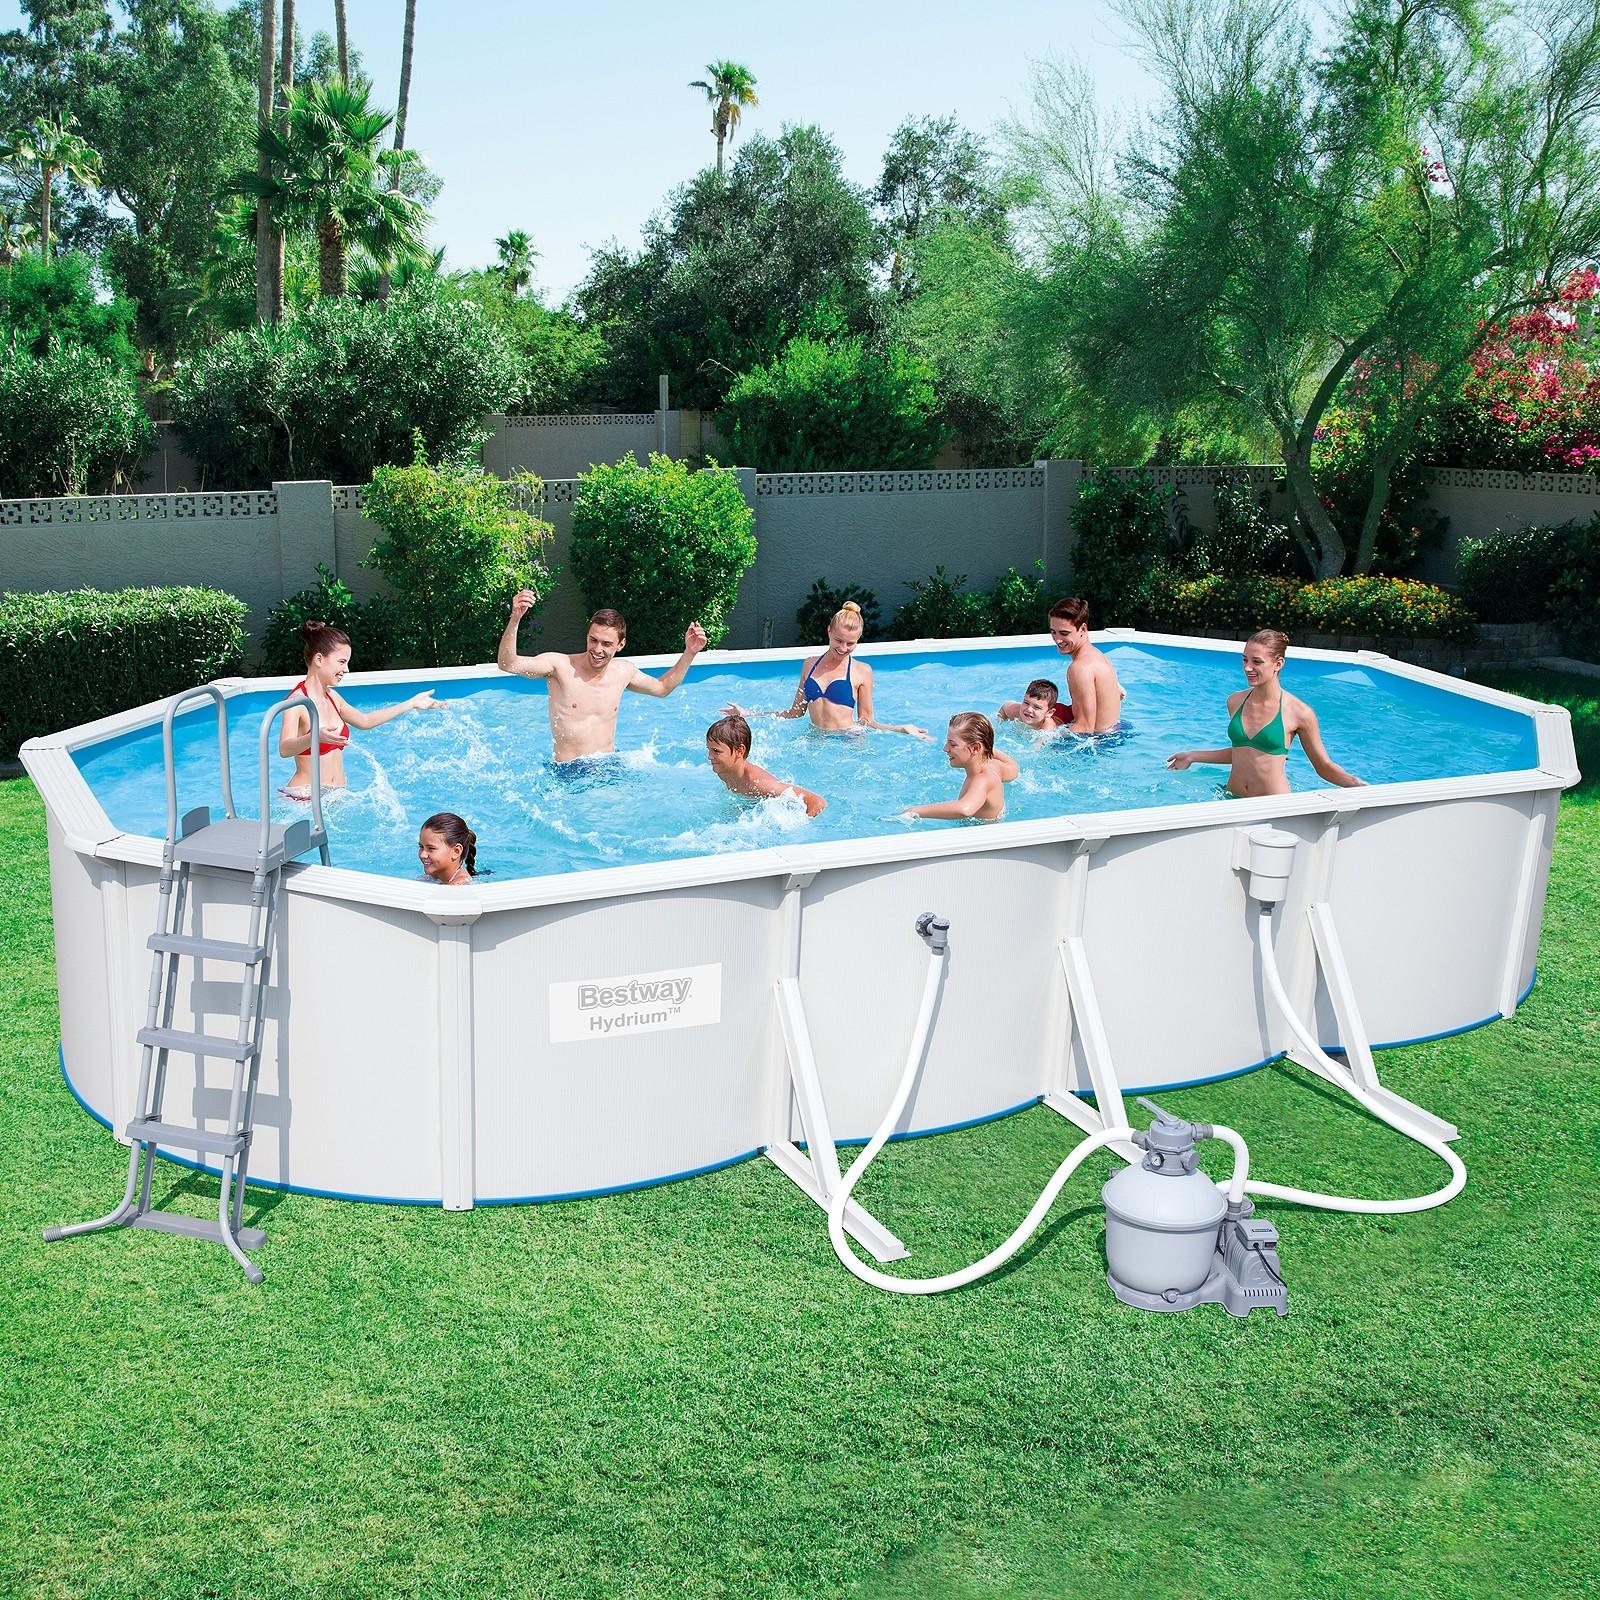 trampoline fjrer simple finest til basseng opptil xmeter u badebasseng basseng fra with lite. Black Bedroom Furniture Sets. Home Design Ideas